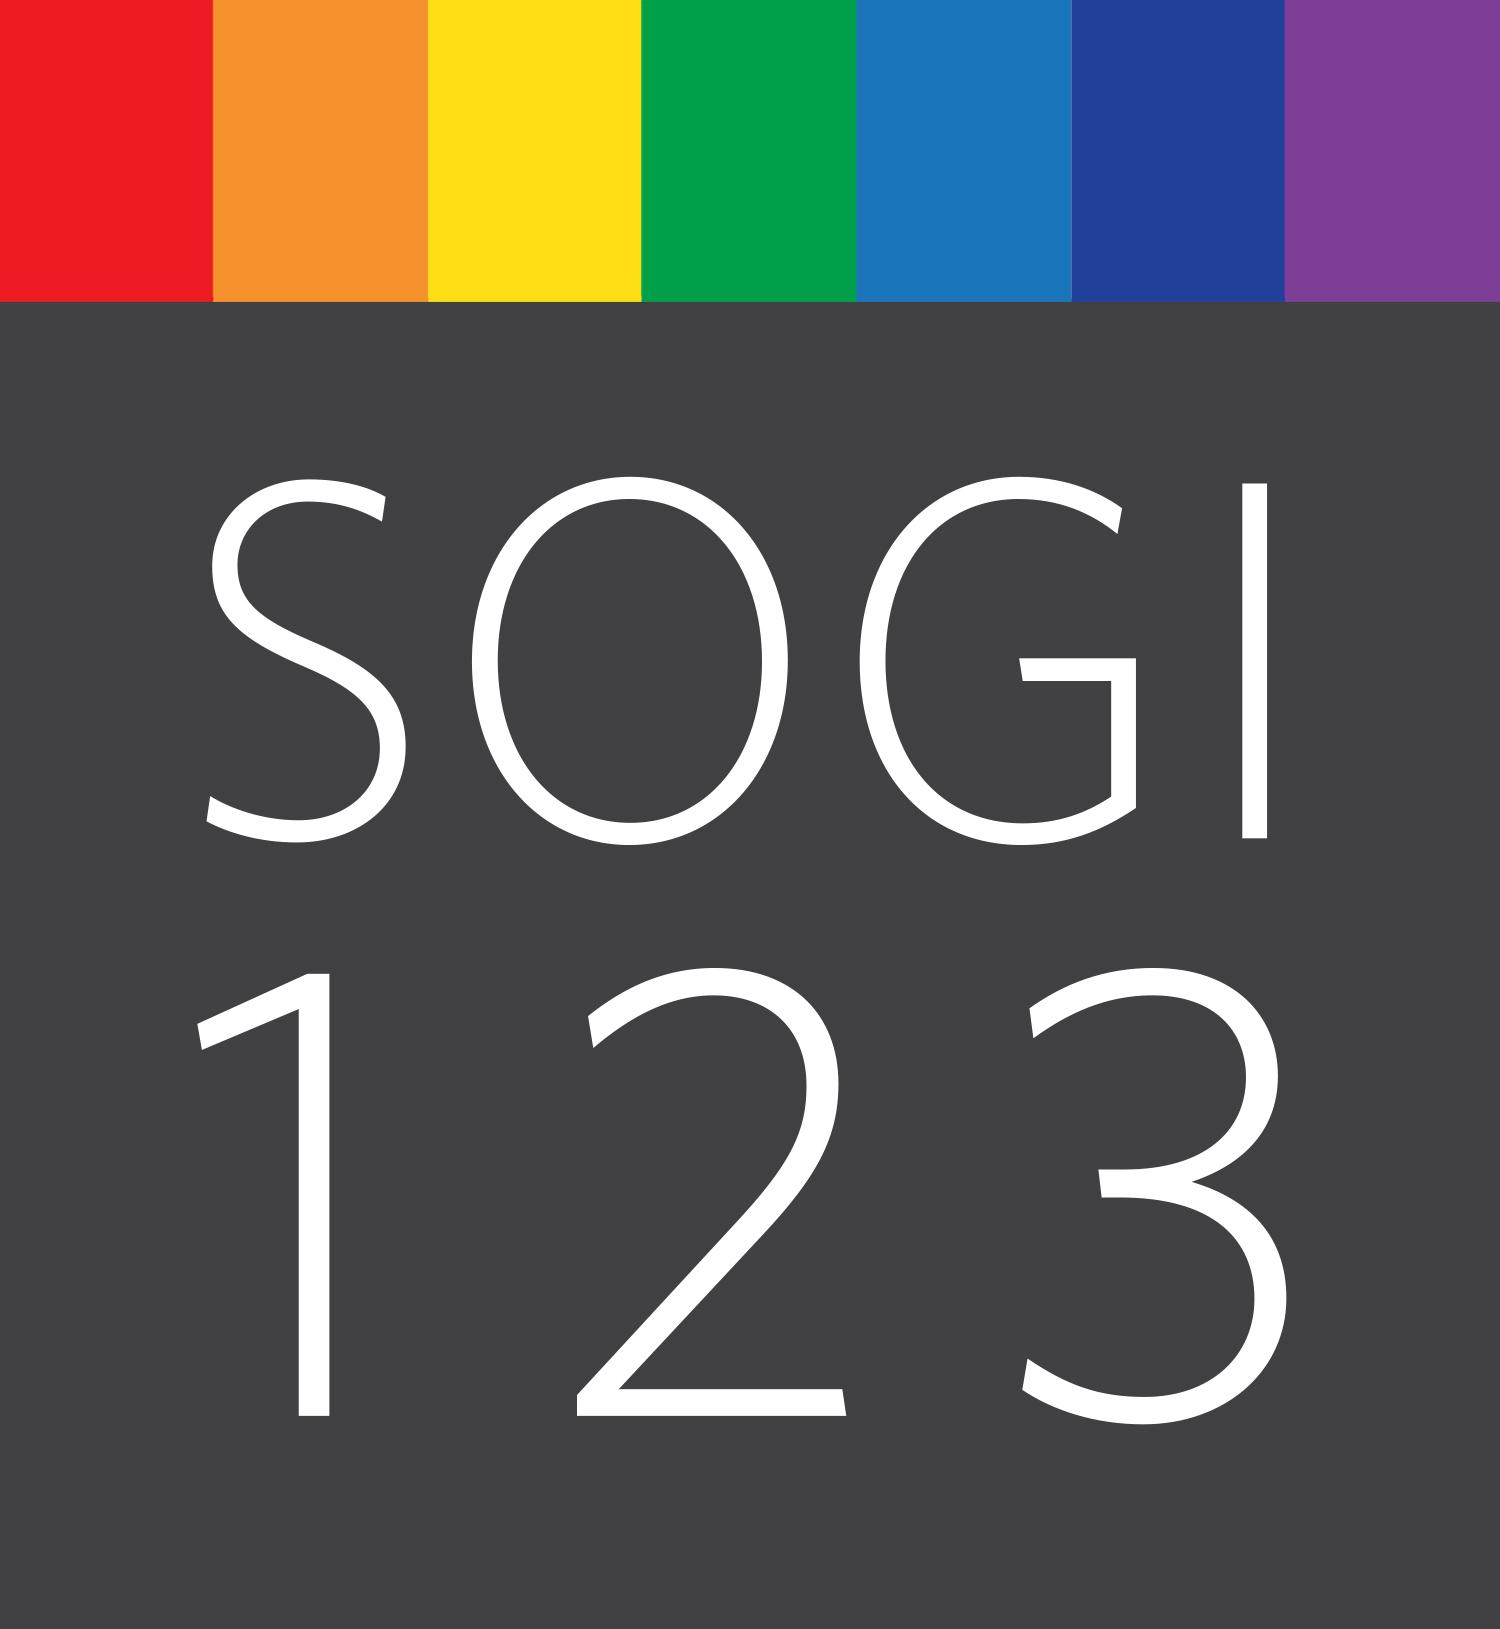 SOGI 1 2 3